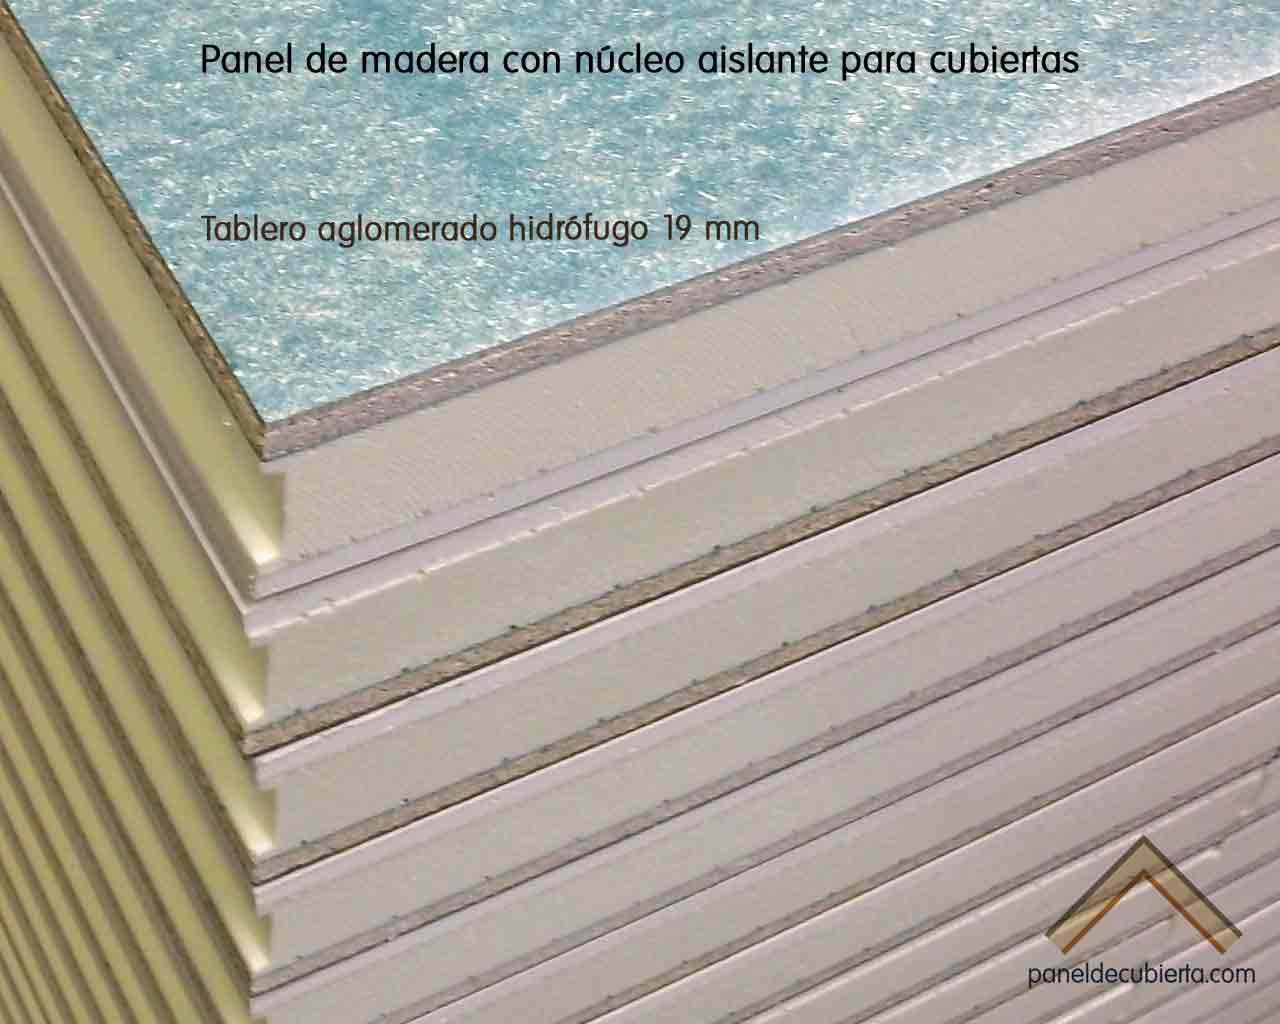 Panel con acabado decorativo placa de yeso laminado knauf - Tablero aglomerado hidrofugo ...